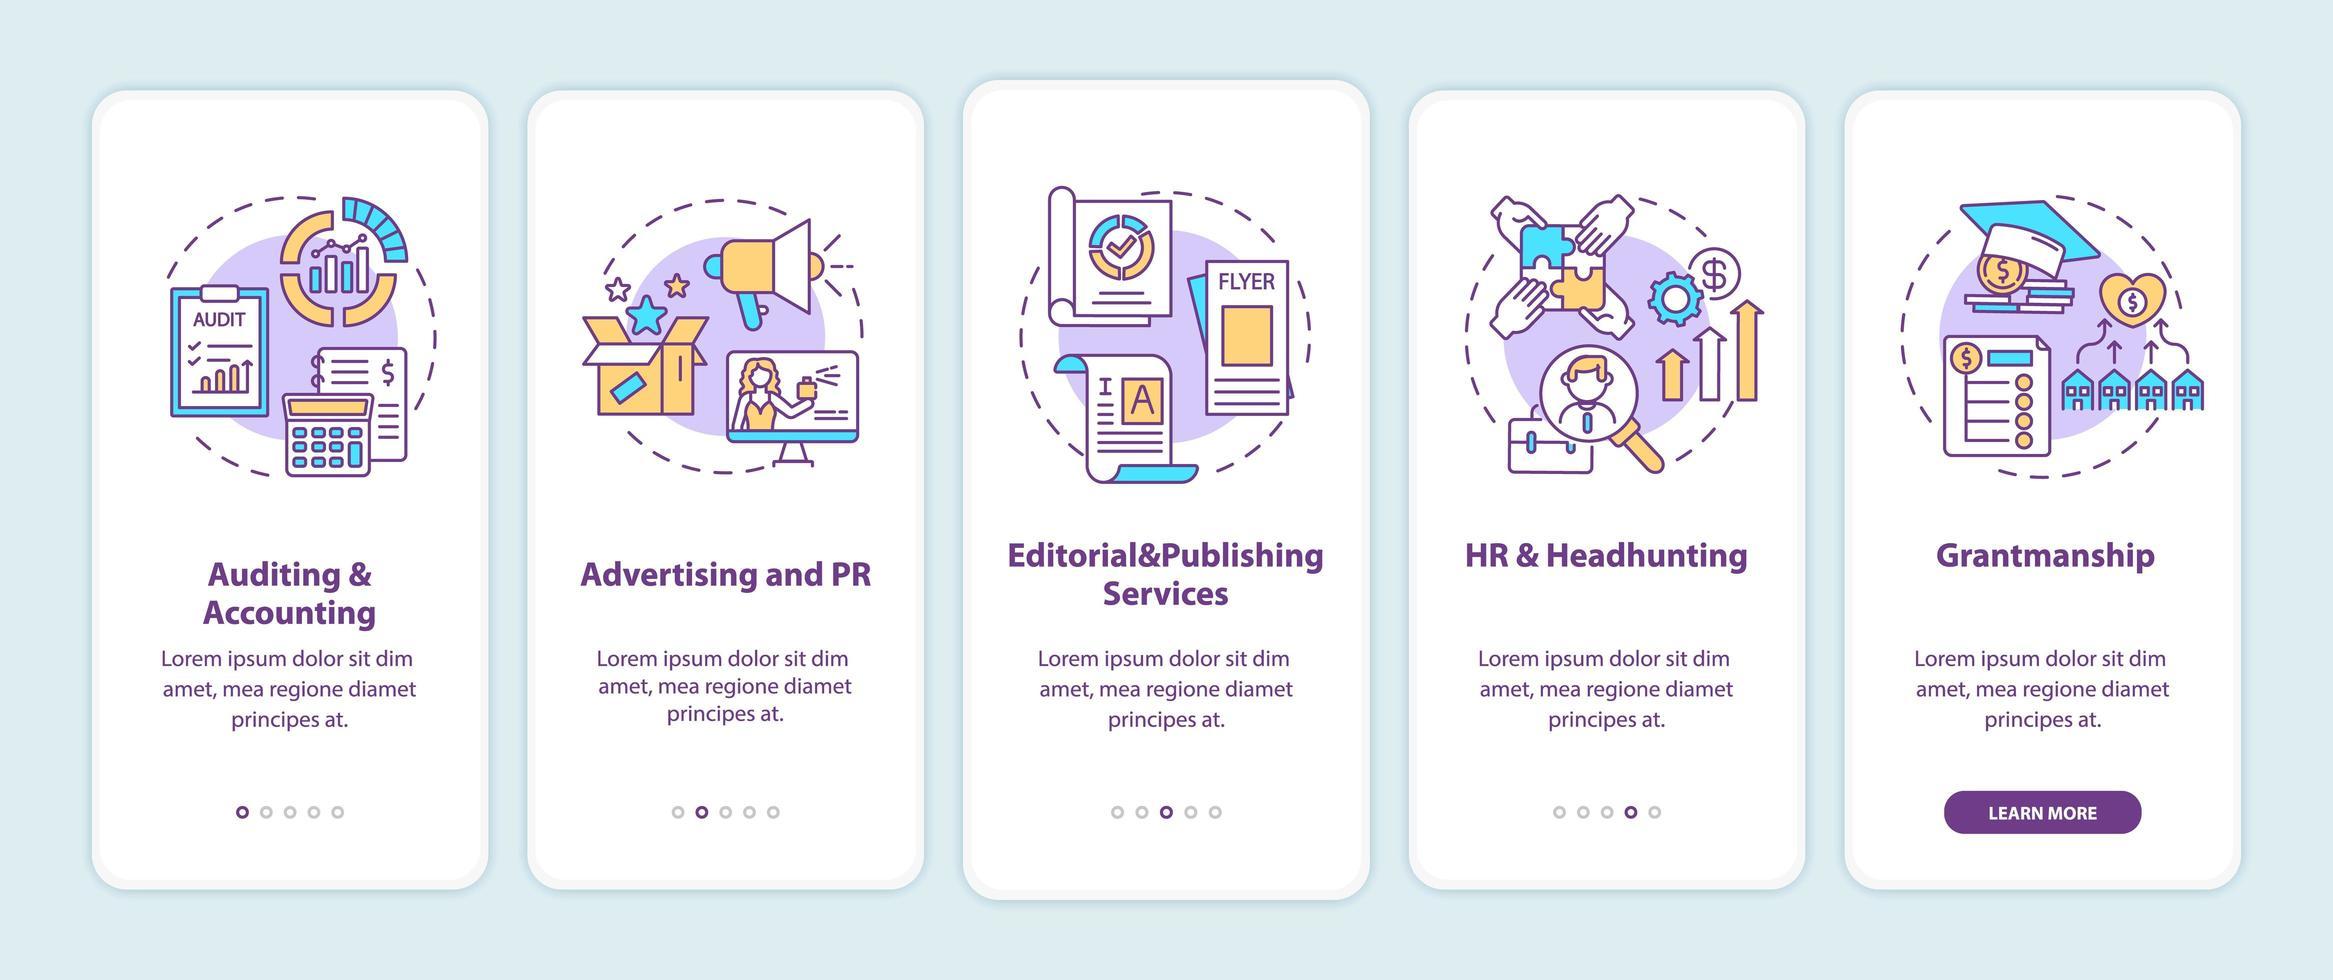 principais serviços de consultoria de negócios na tela da página do aplicativo móvel com conceitos vetor